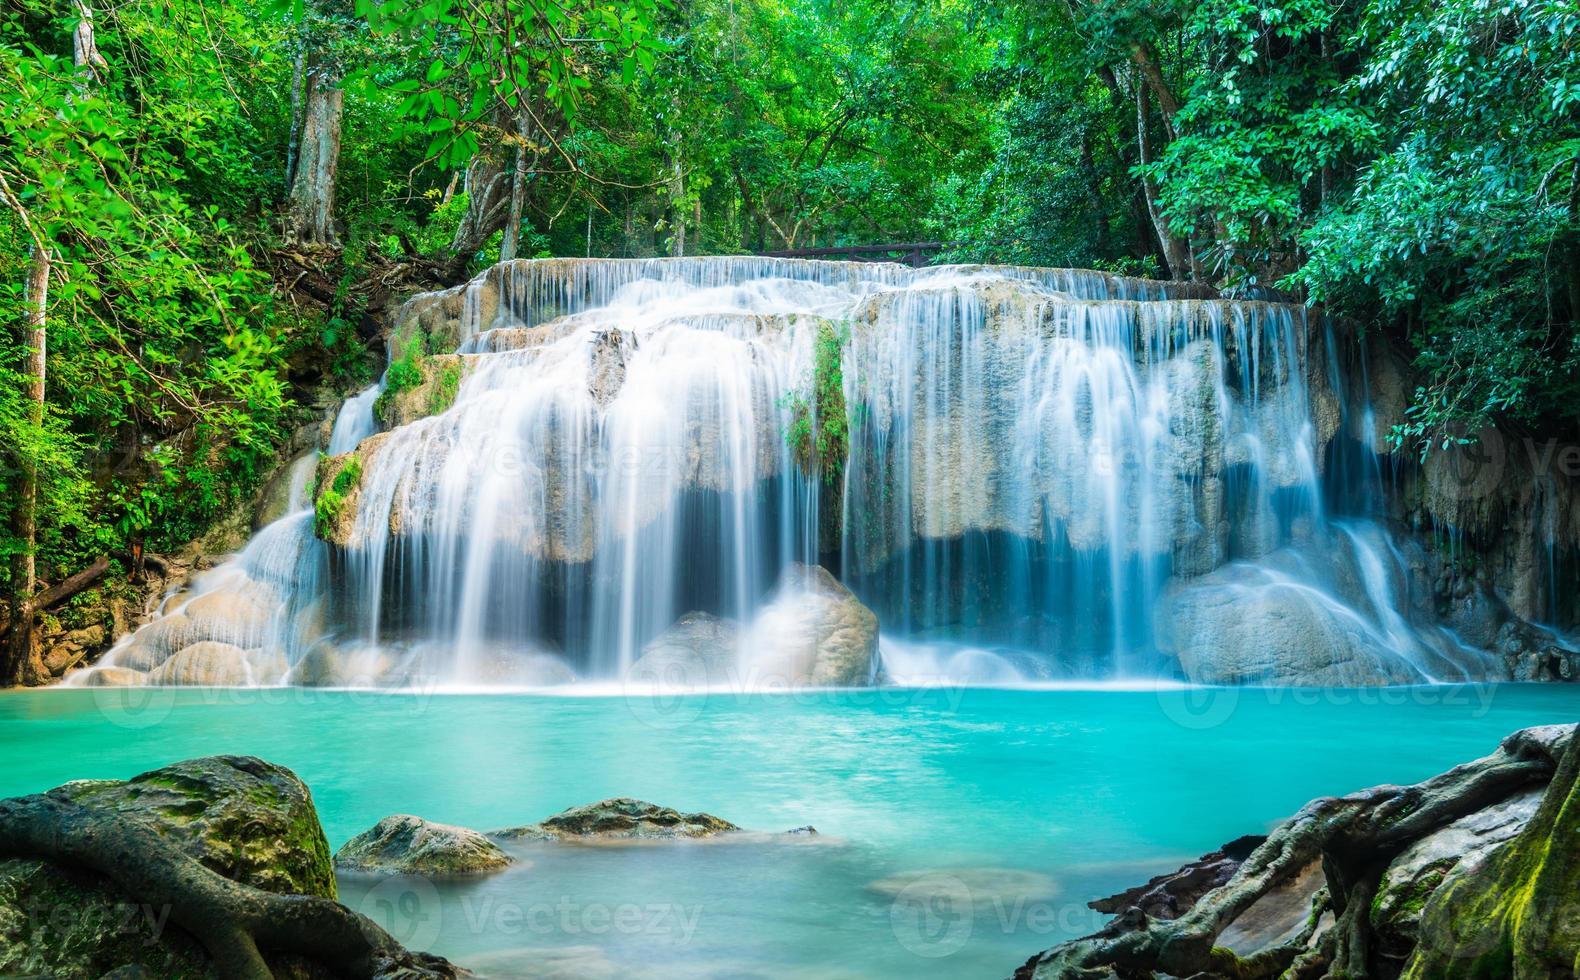 cascada de erawan en el parque nacional de tailandia foto